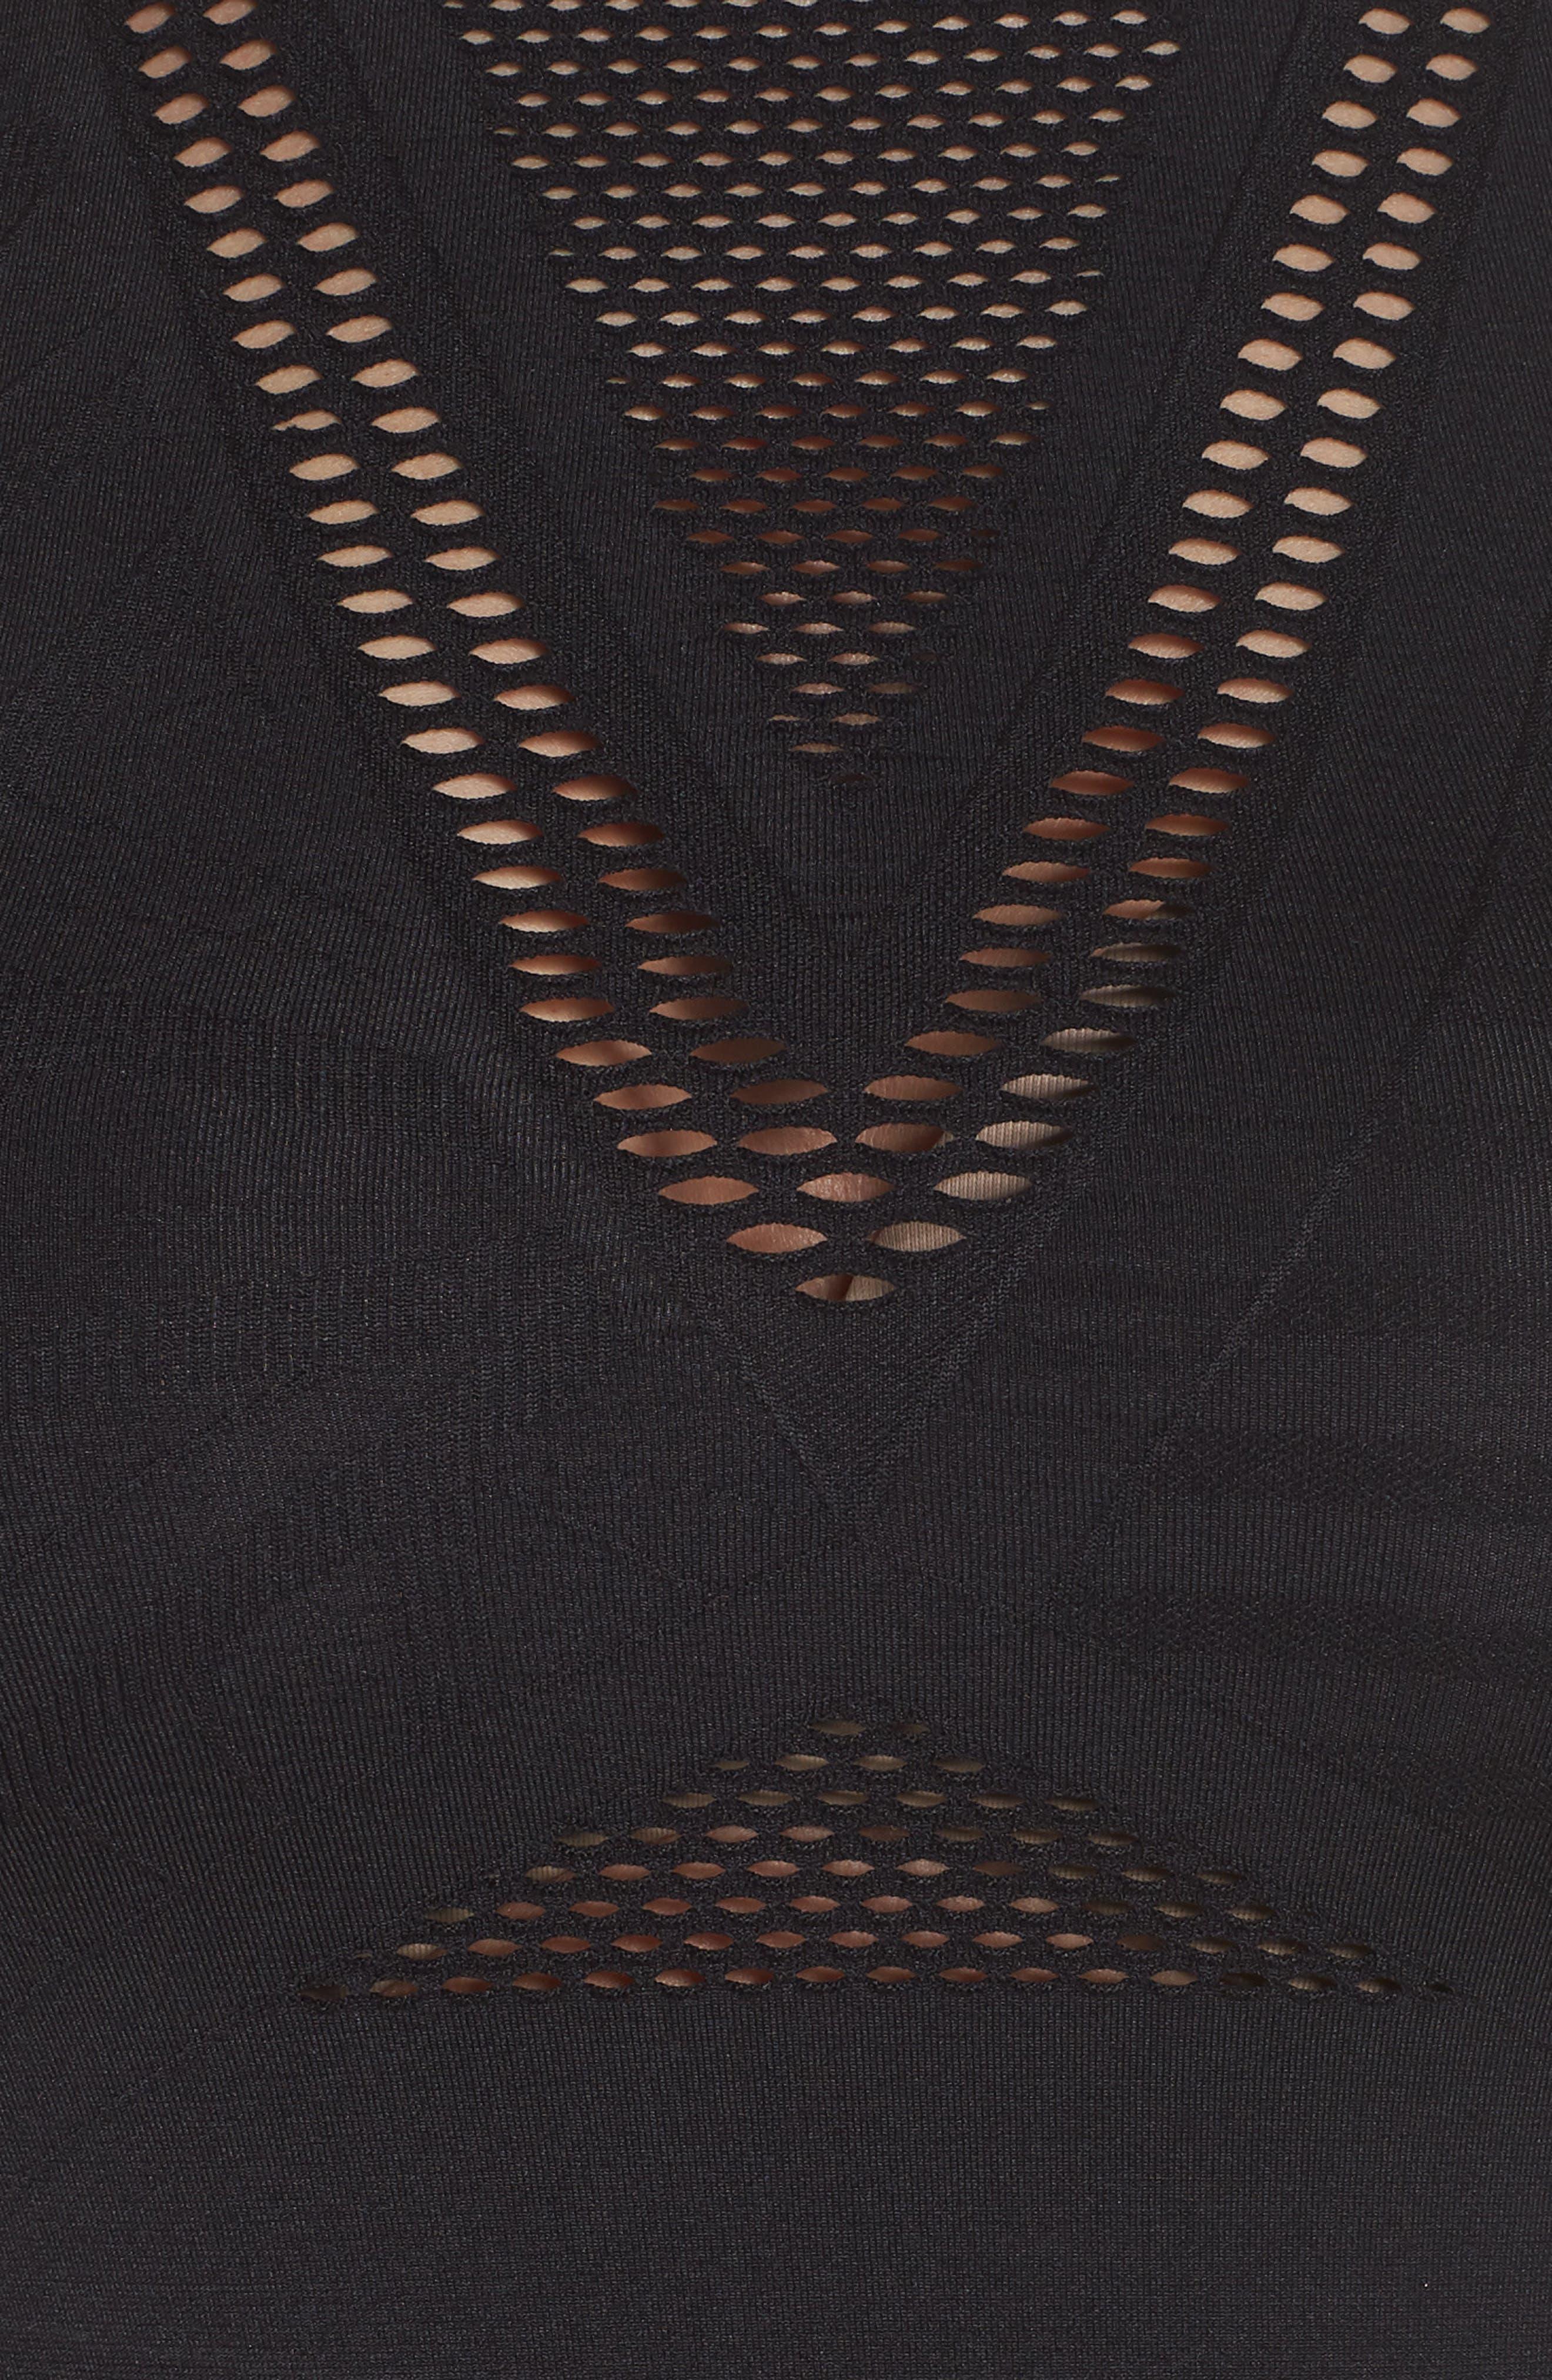 Oxygen Midi Tank,                             Alternate thumbnail 6, color,                             BLACK